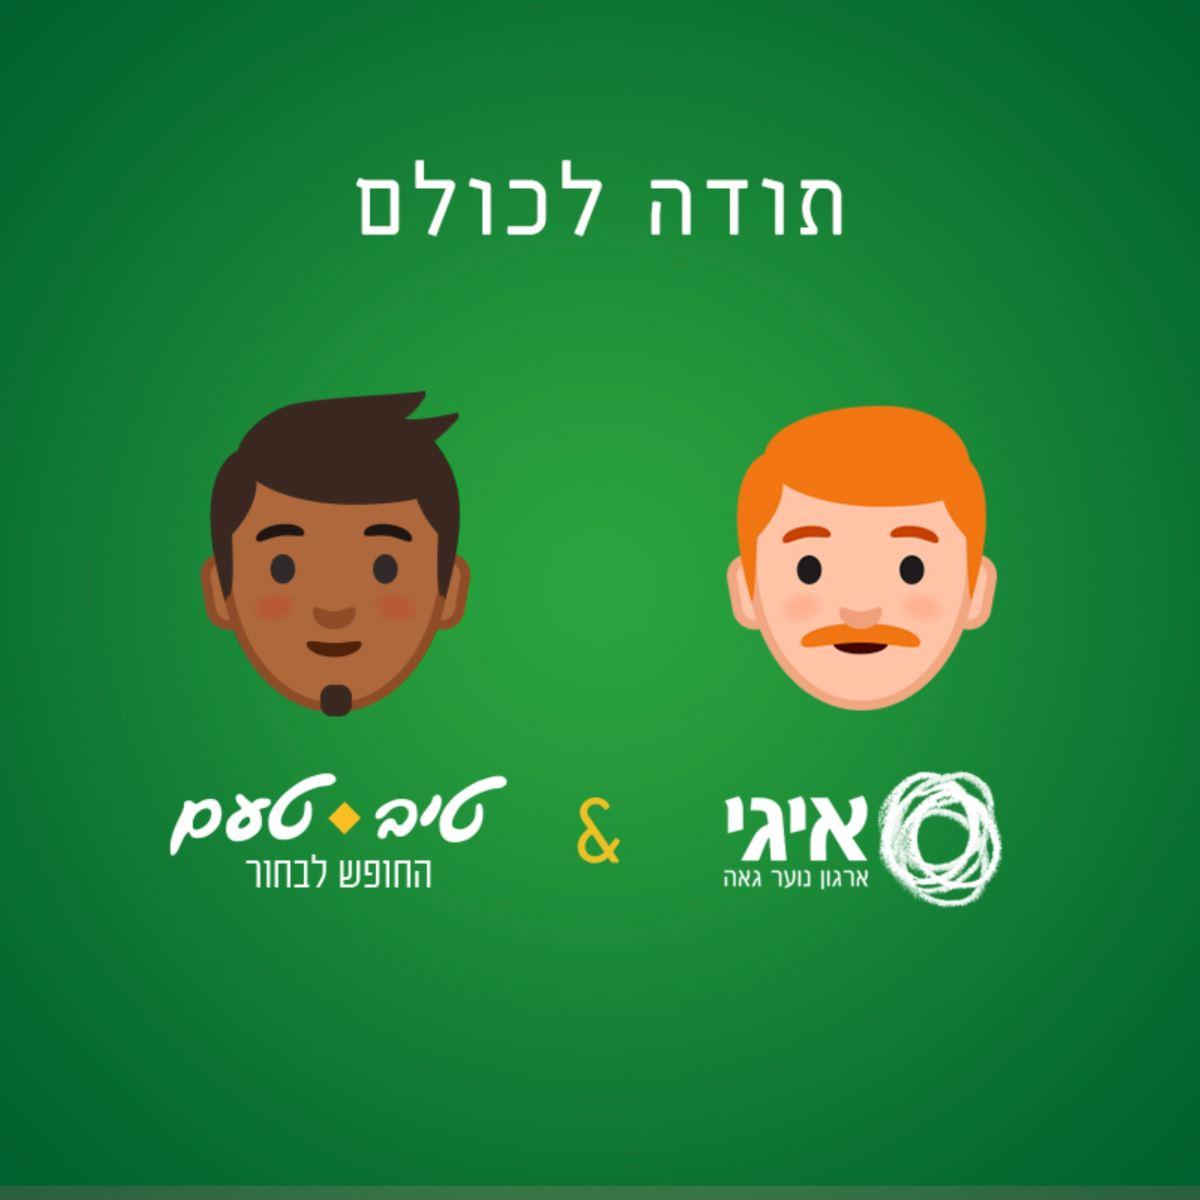 רשת טיב טעם בחזית המאבק החברתי: תומכת בקהילה הגאה ובארגון איגי, תחת המסר 'החופש לבחור'